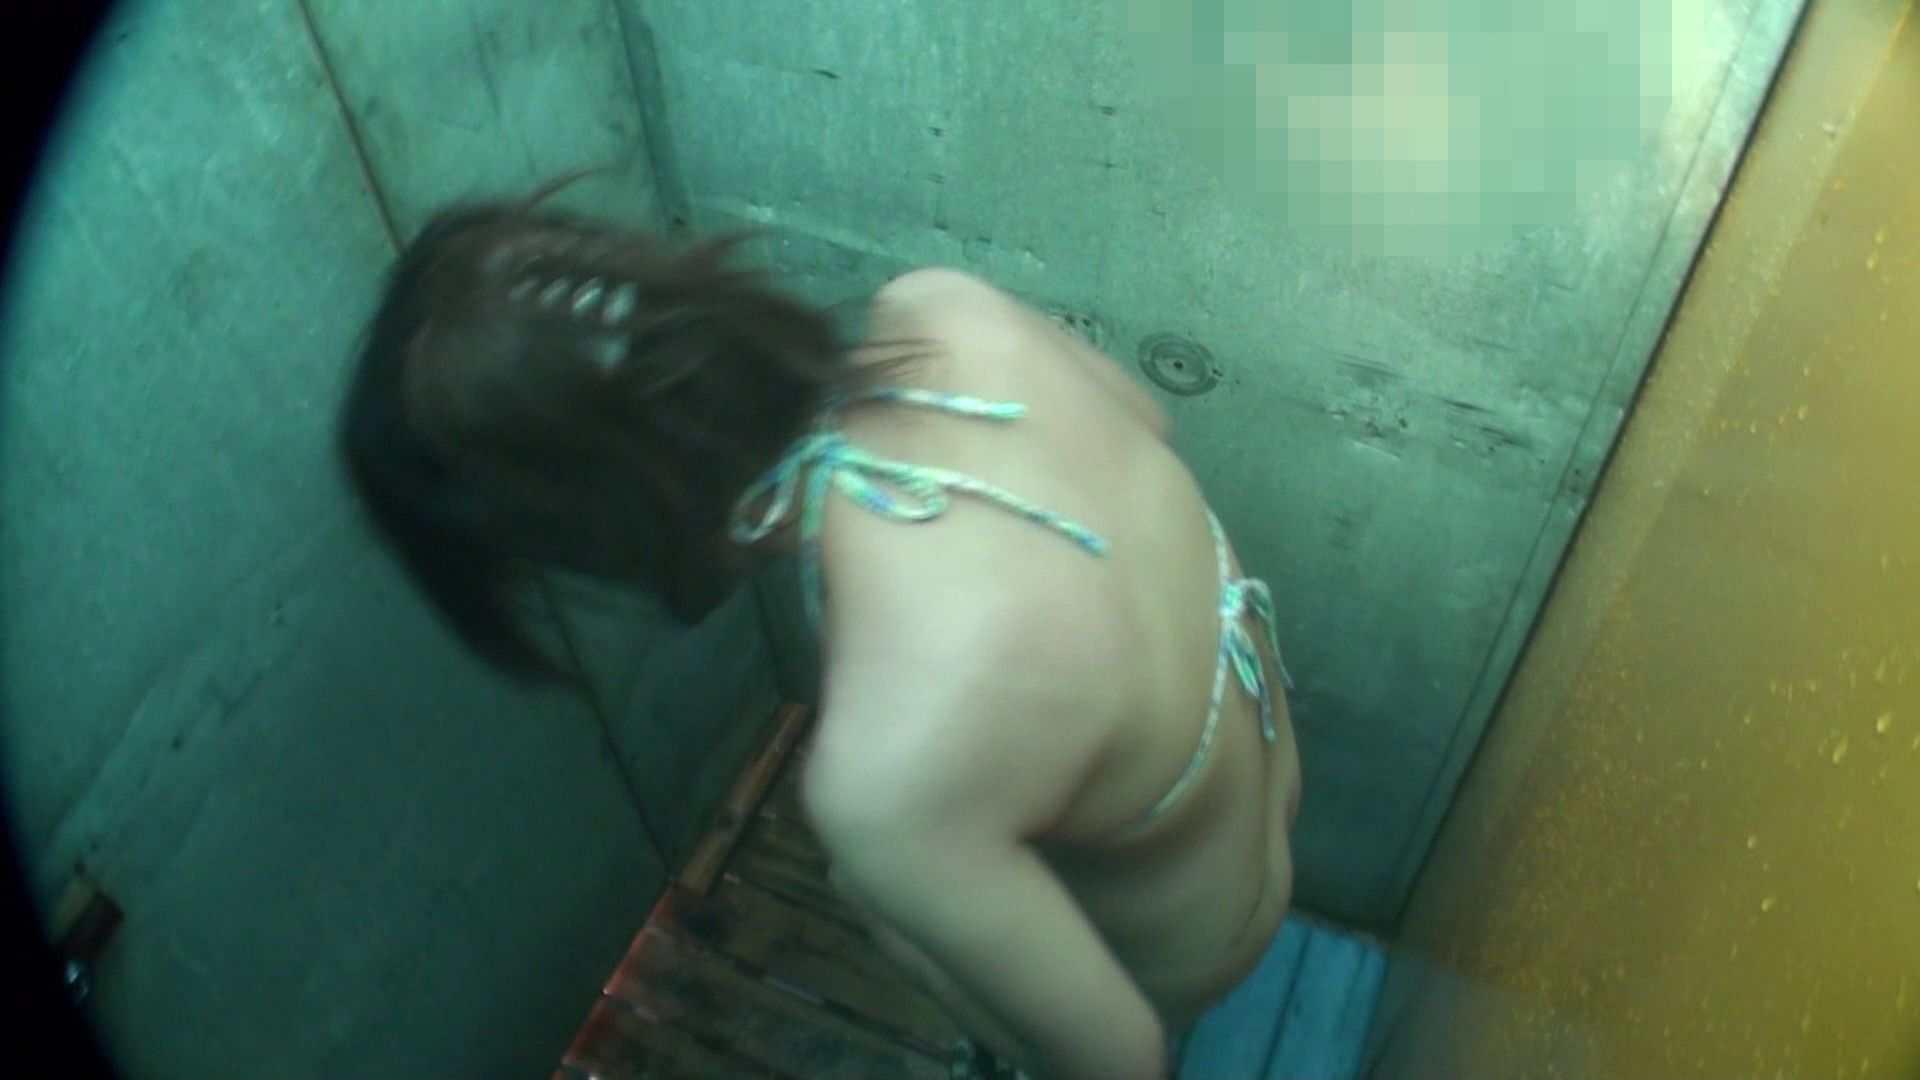 シャワールームは超!!危険な香りVol.15 残念ですが乳首未確認 マンコの砂は入念に マンコ・ムレムレ エロ画像 70pic 3